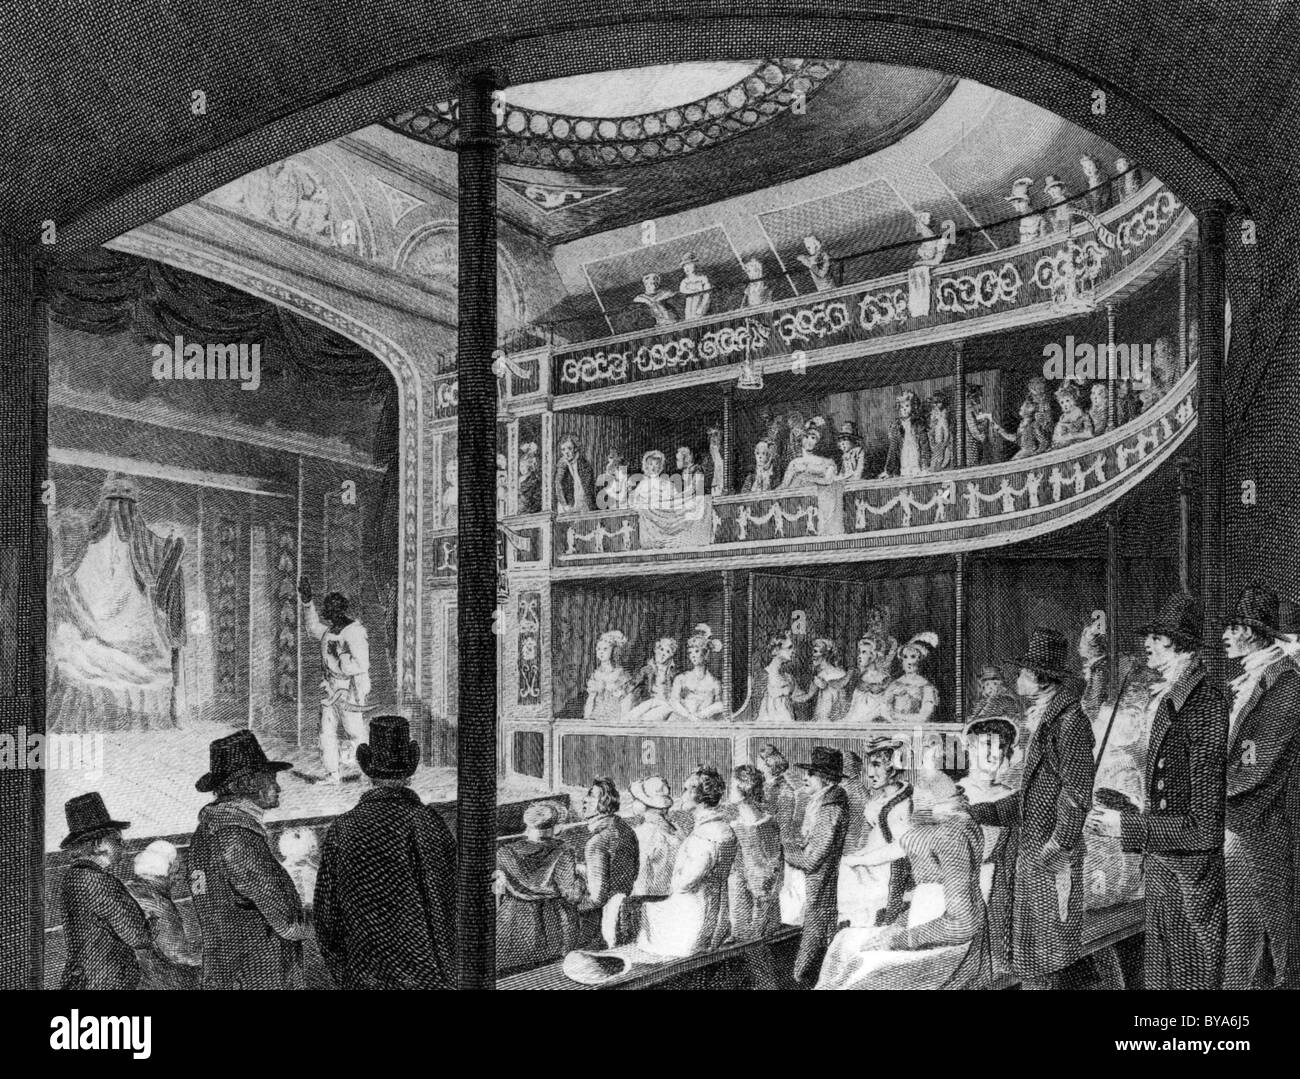 REGENCY Theatre, Tottenham Street, Londres en 1819 durante una producción de Othello Imagen De Stock